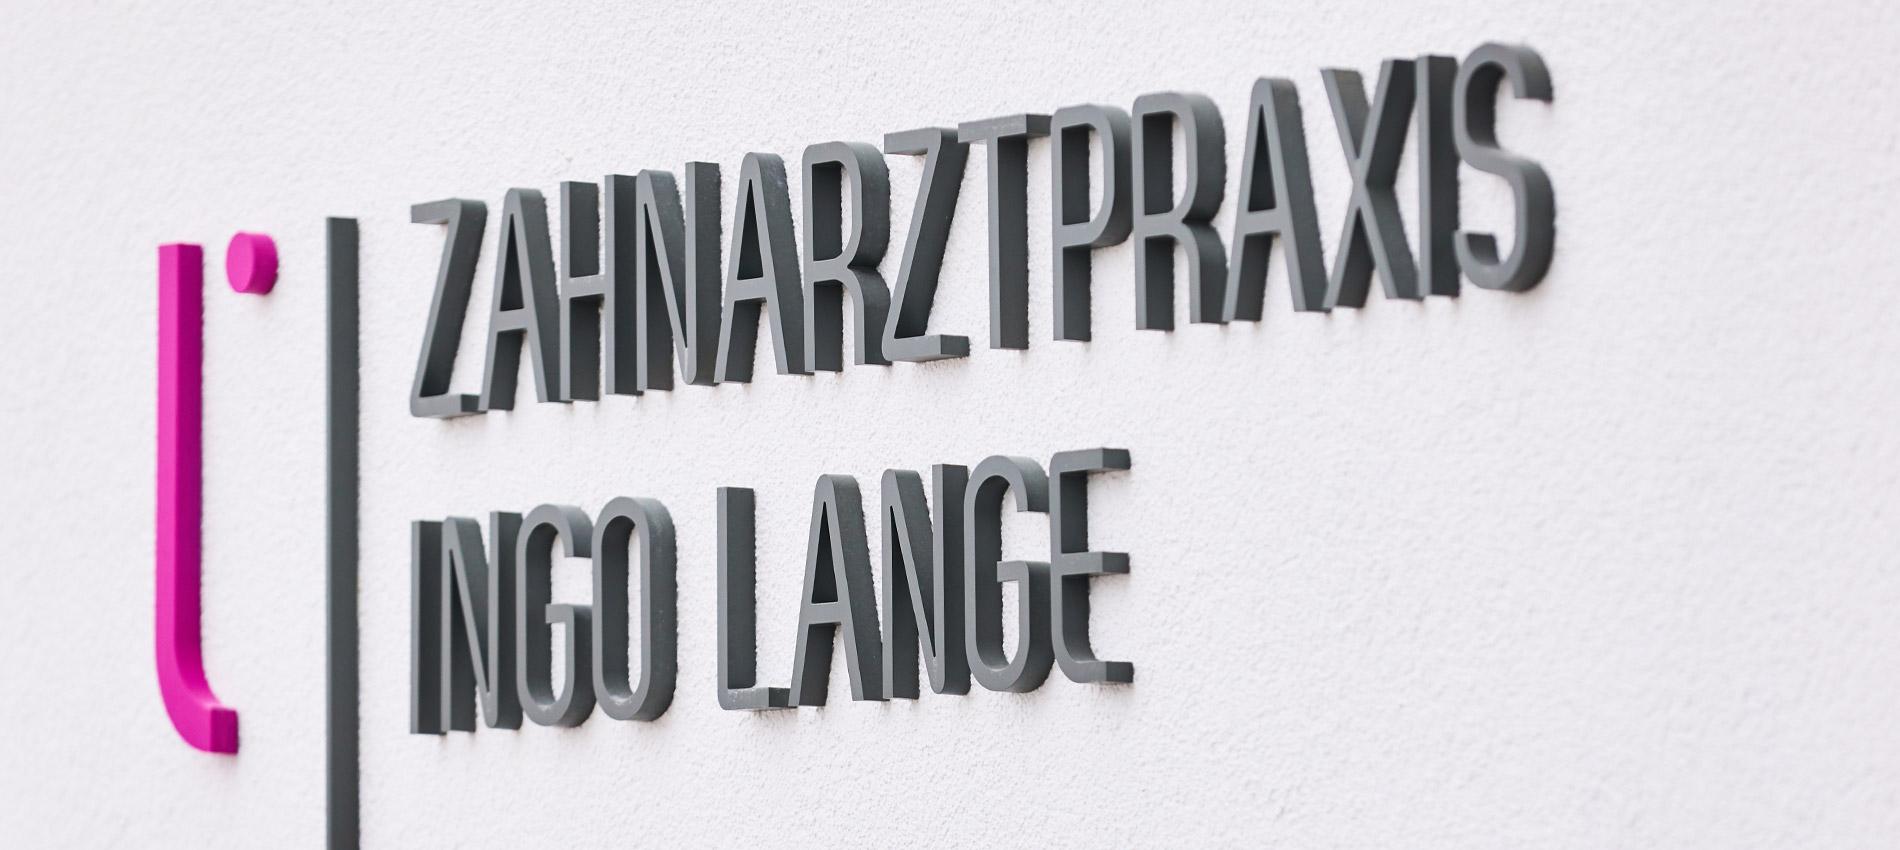 Zahnarztpraxis Ingo Lange - Datenschutzerklärung 1